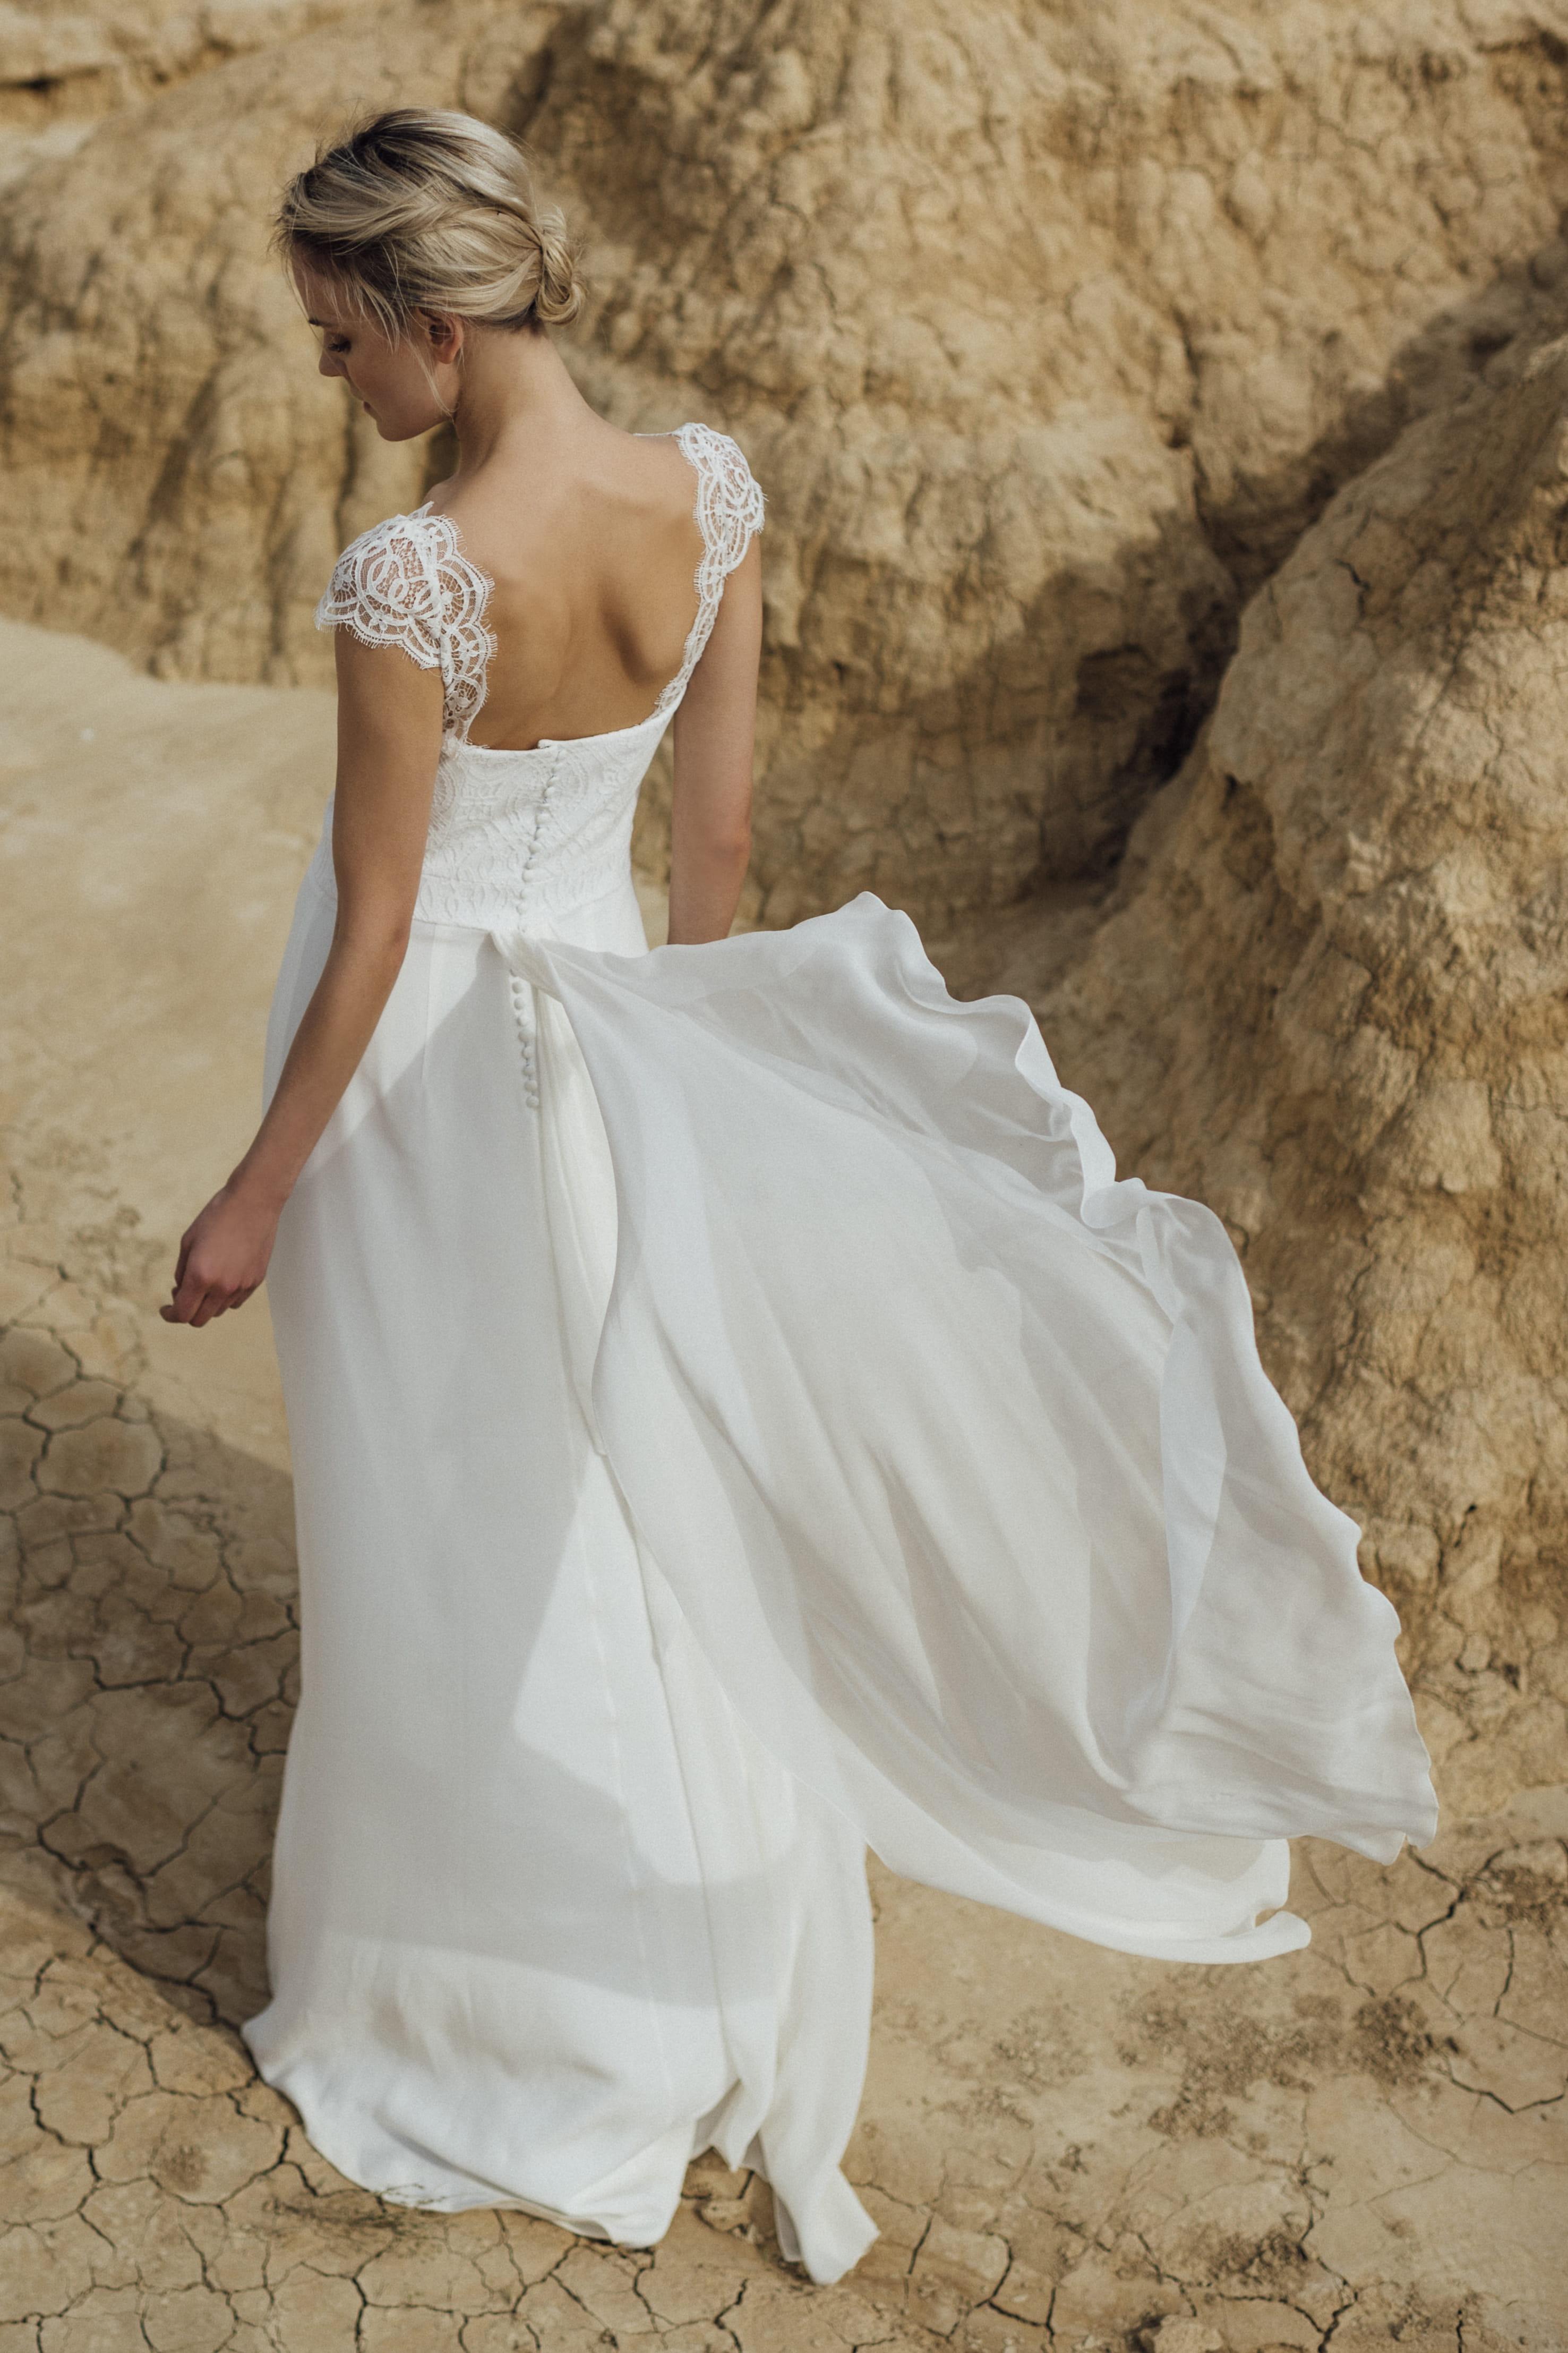 Robes de mariée à virginie  Peinture